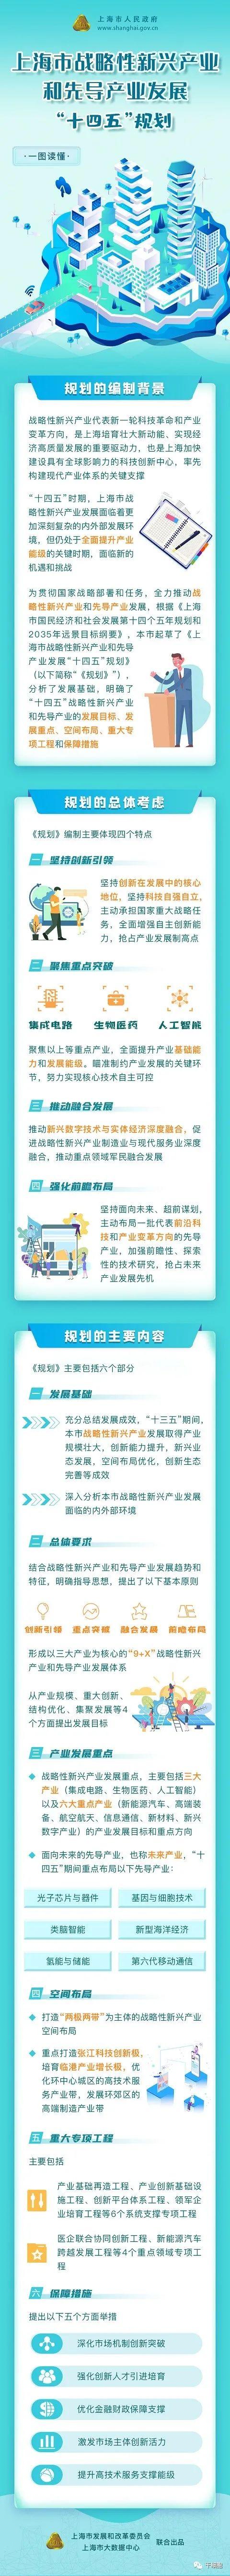 重磅!上海最新发布:推动干细胞等细胞技术临床应用!